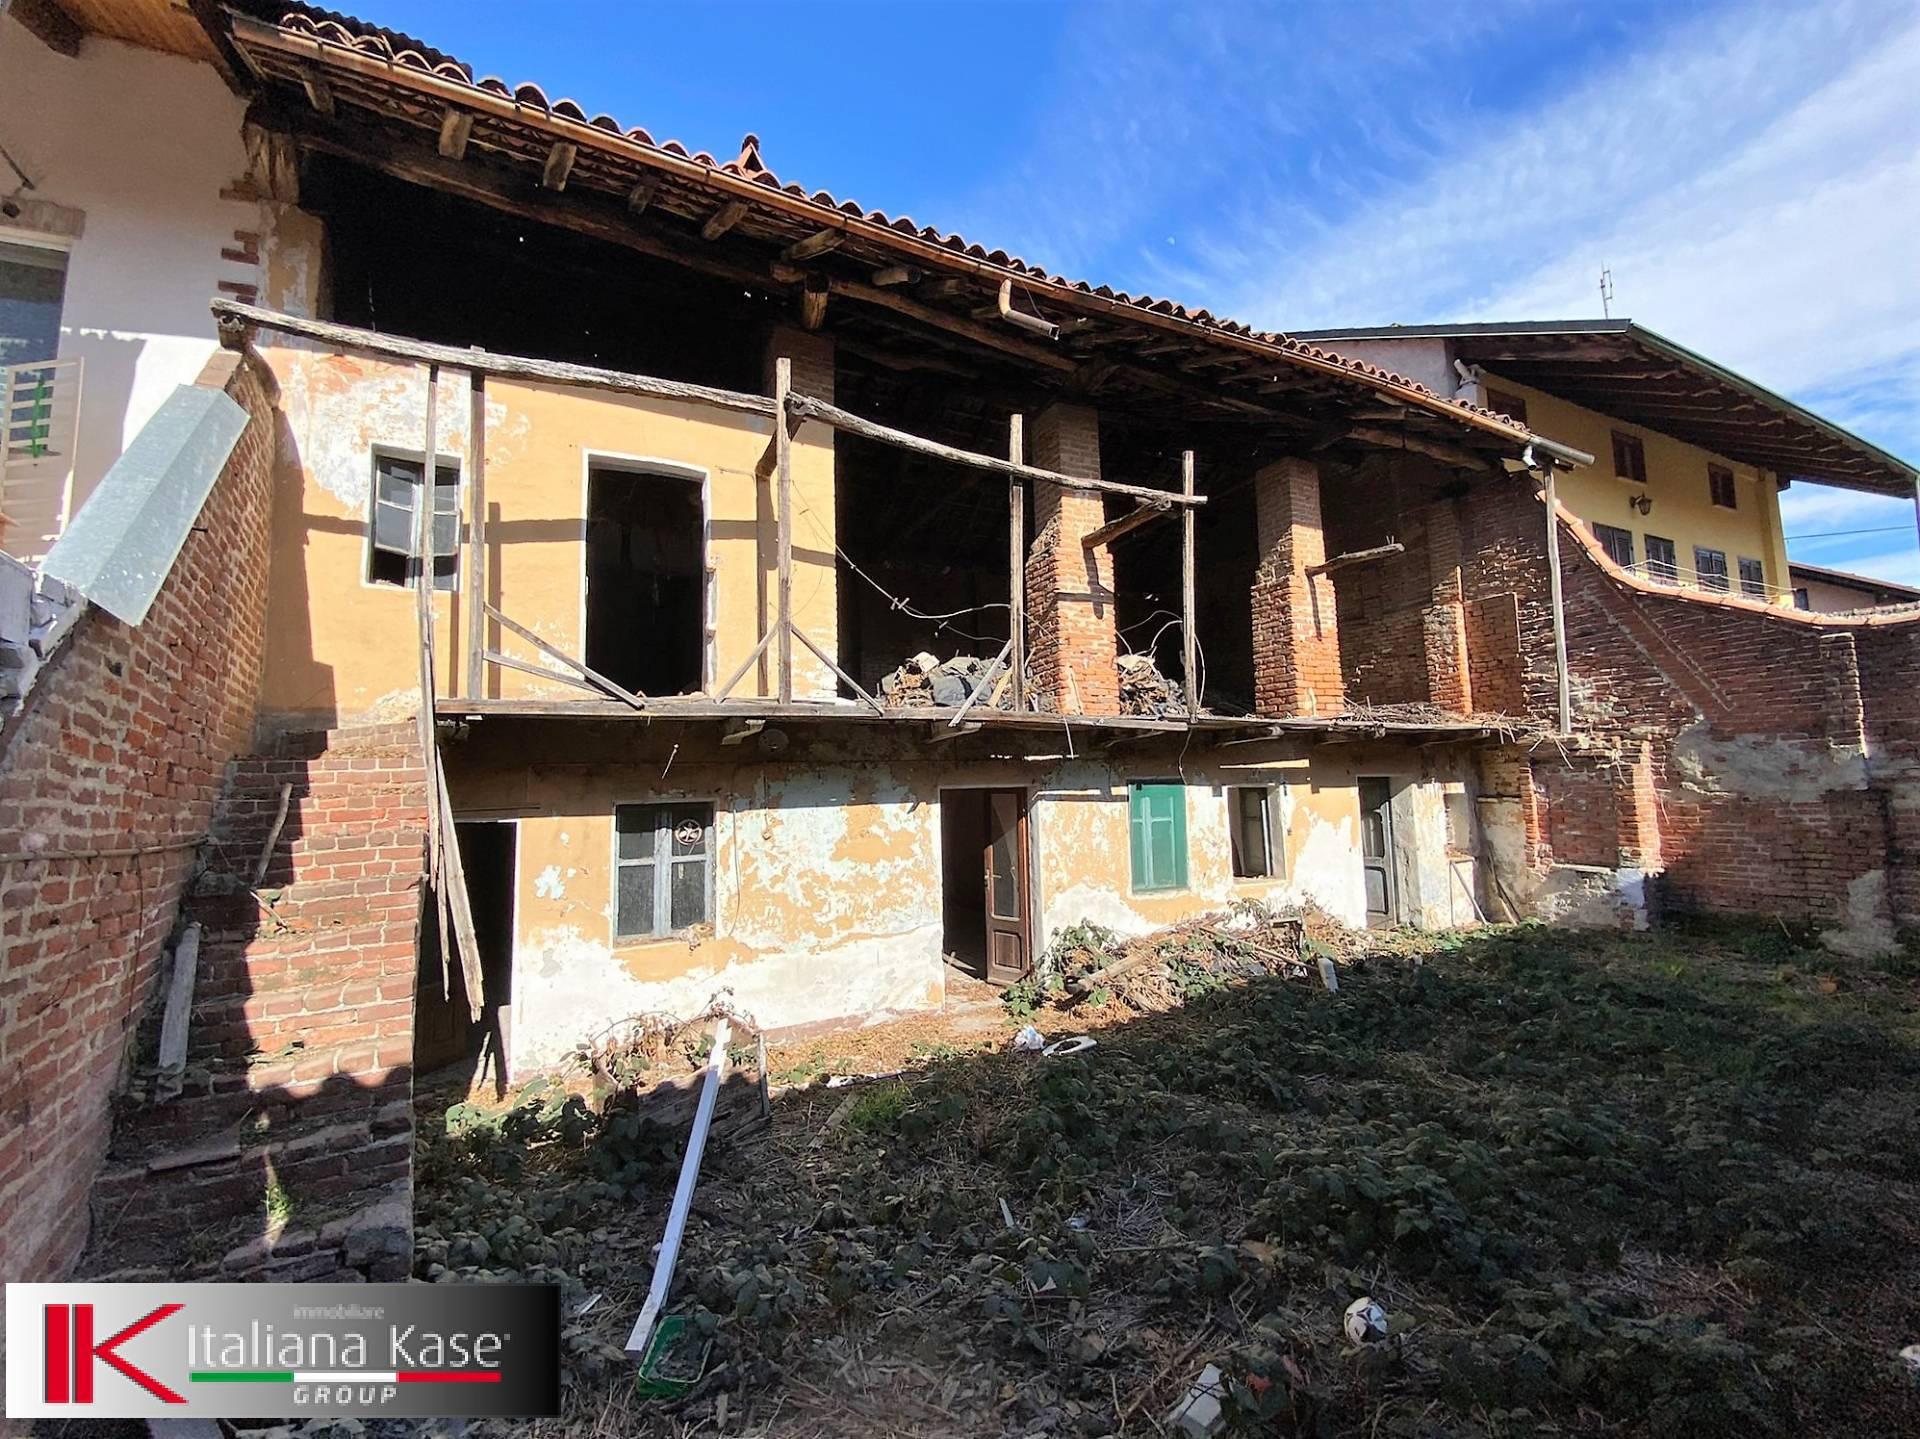 Rustico / Casale in vendita a Foglizzo, 4 locali, zona Località: foglizzo, prezzo € 45.000 | PortaleAgenzieImmobiliari.it